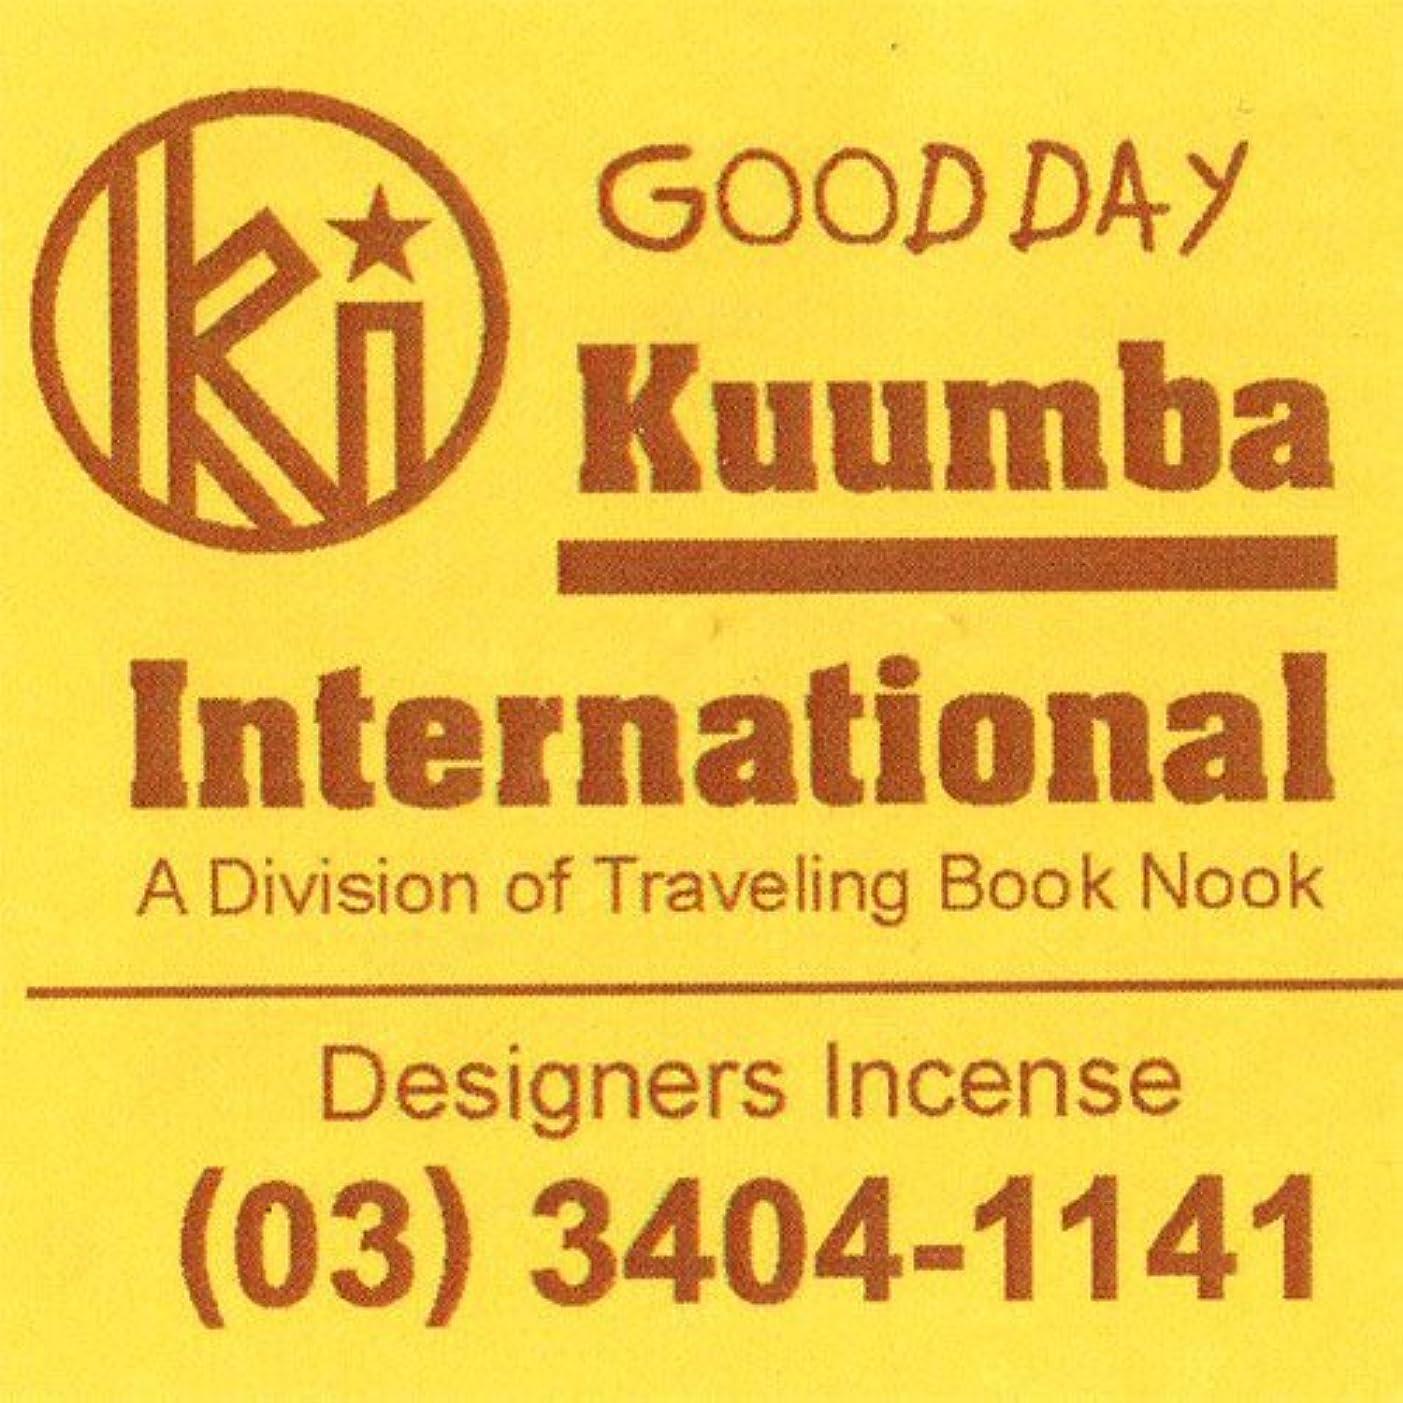 代替スーダン従者KUUMBA / クンバ『incense』(GOOD DAY) (Regular size)